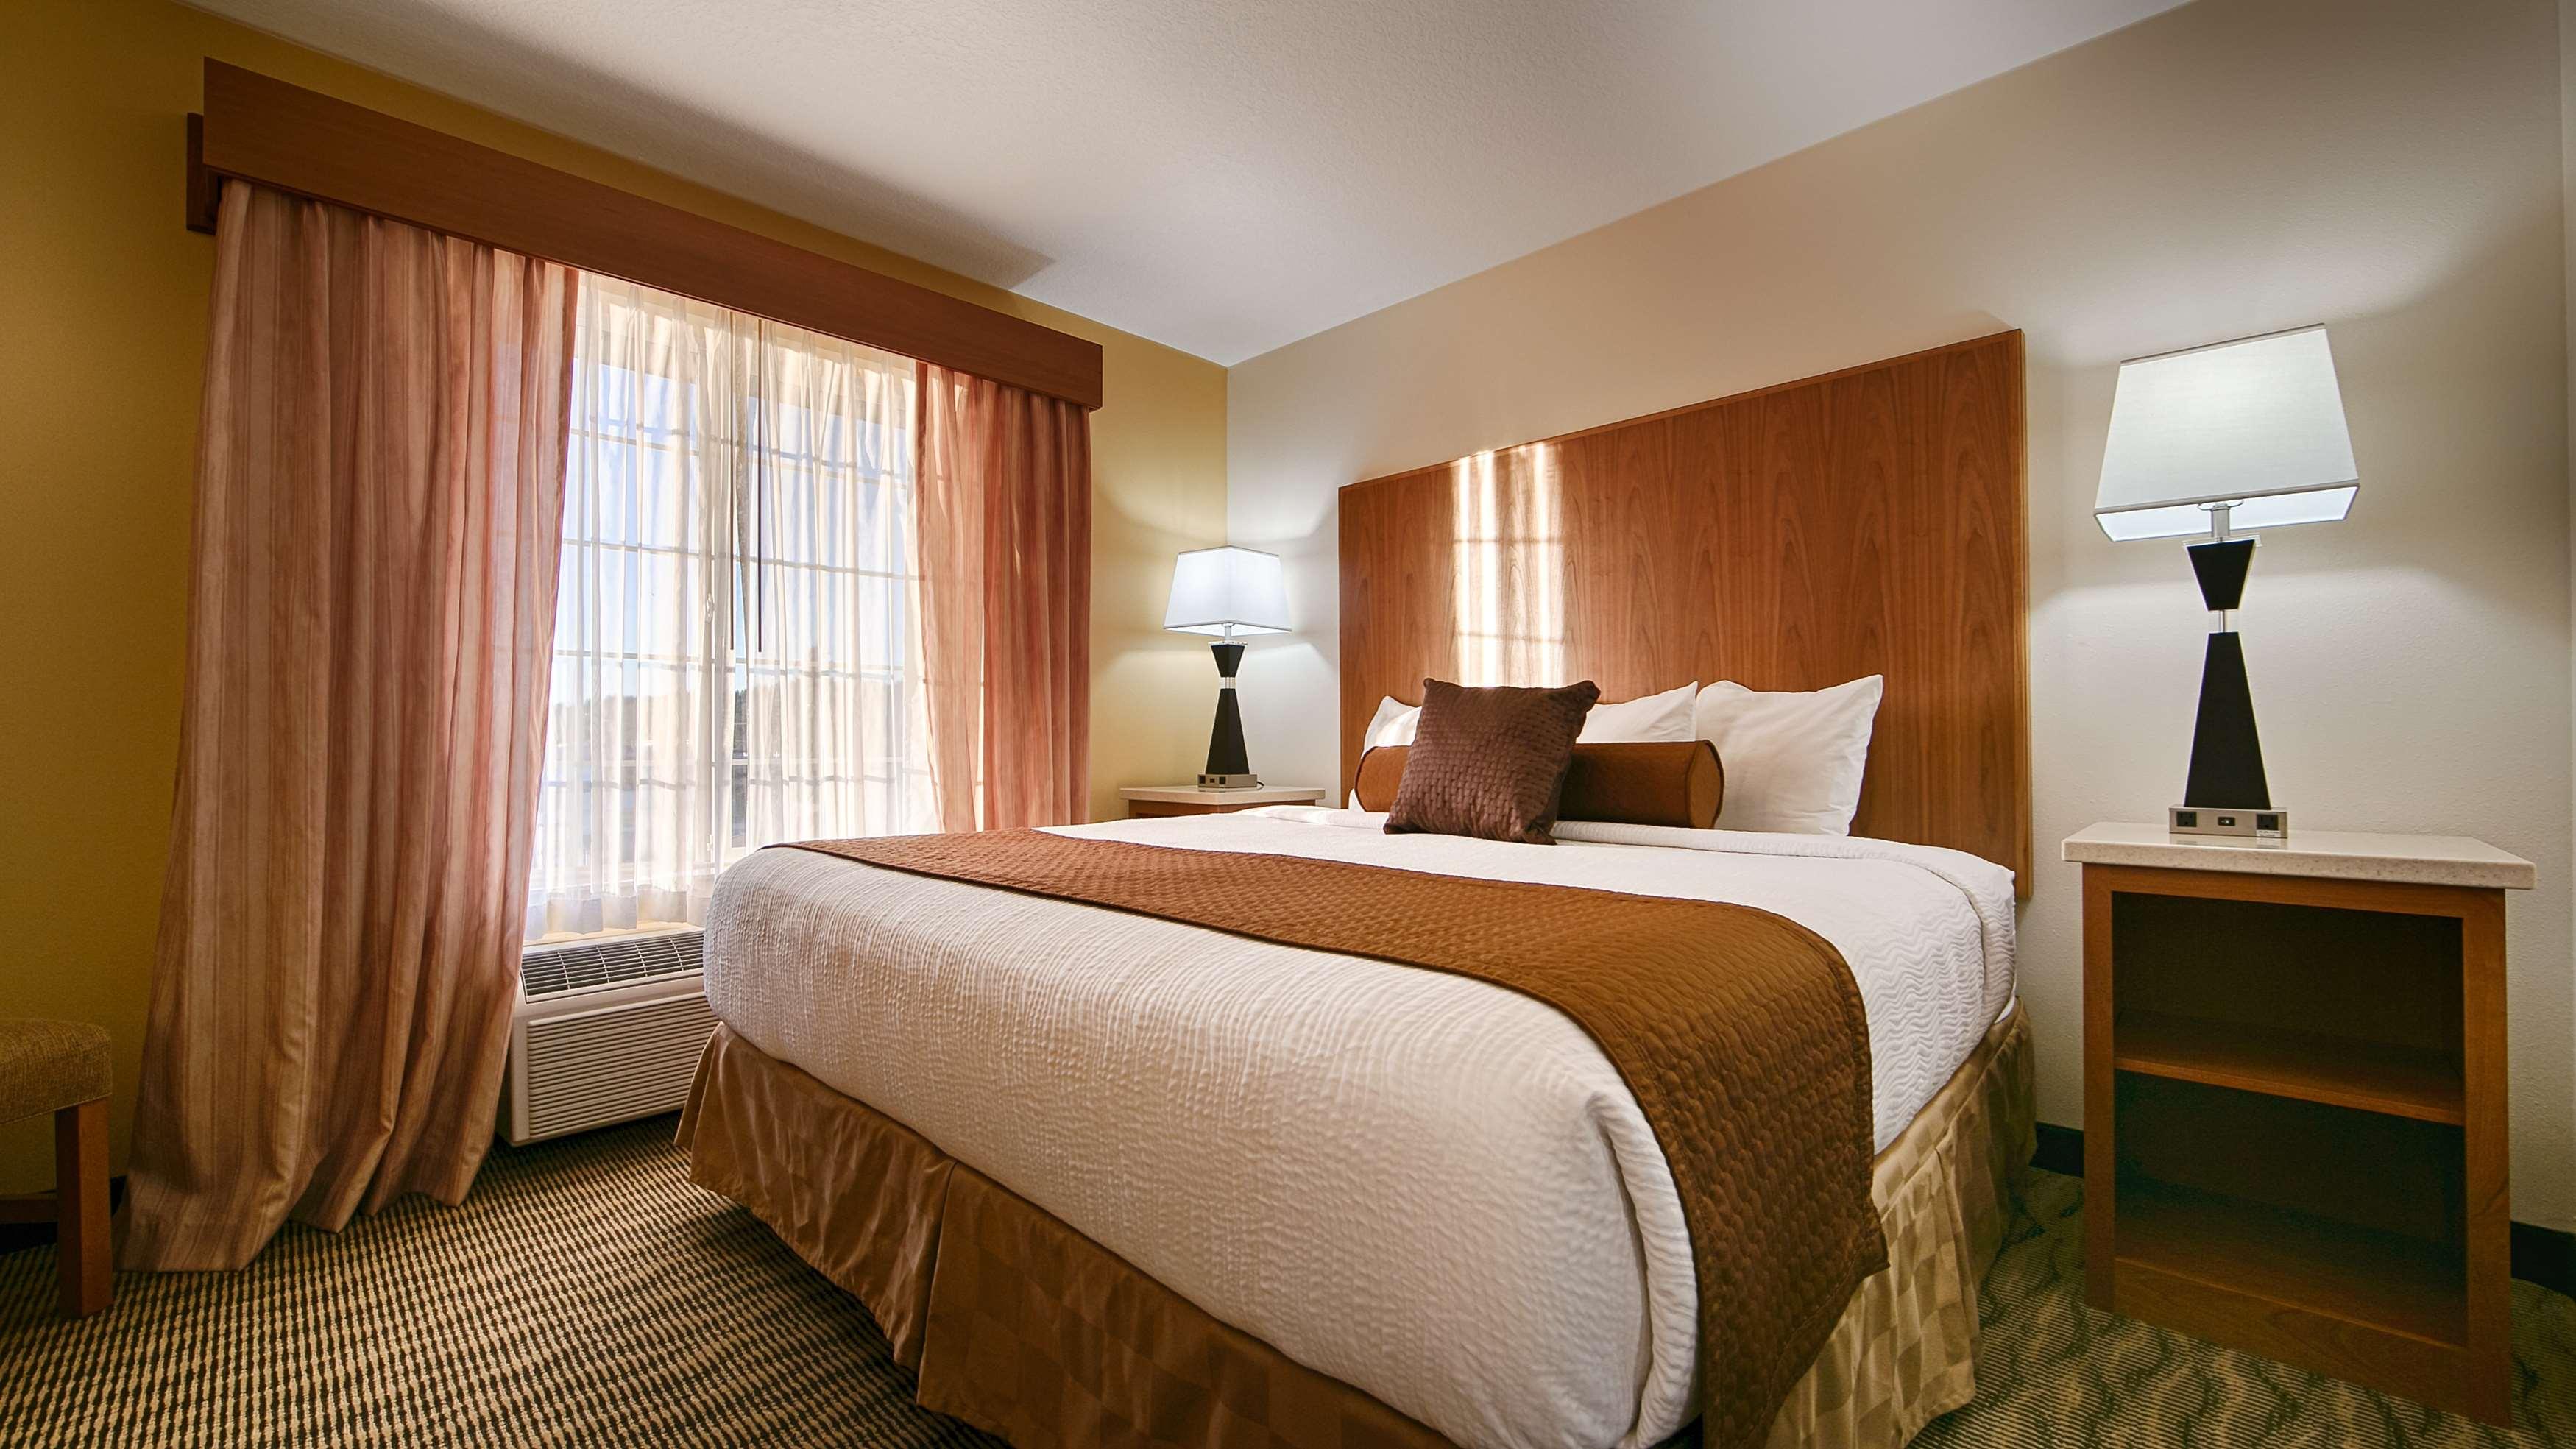 Best Western Plus Park Place Inn & Suites image 14